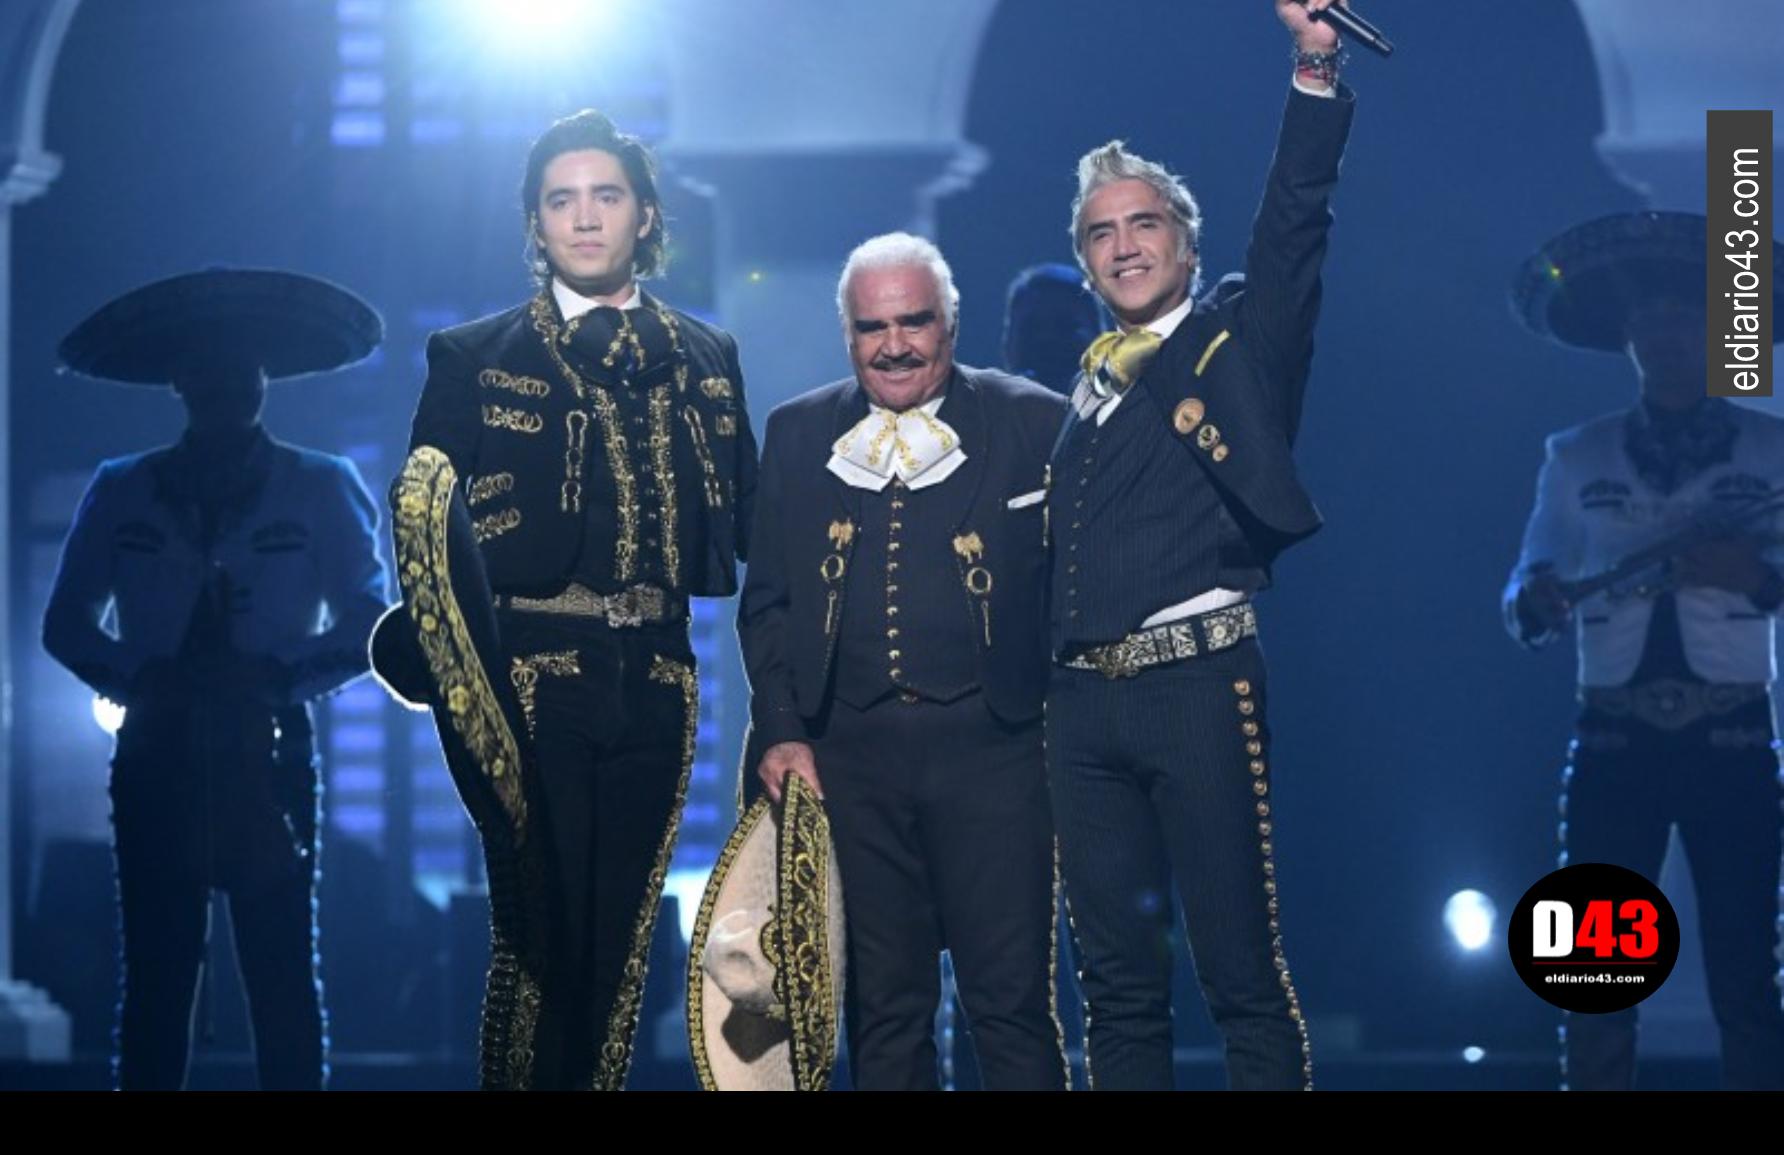 Por primera vez, los tres Fernández cantan juntos en un mismo escenario